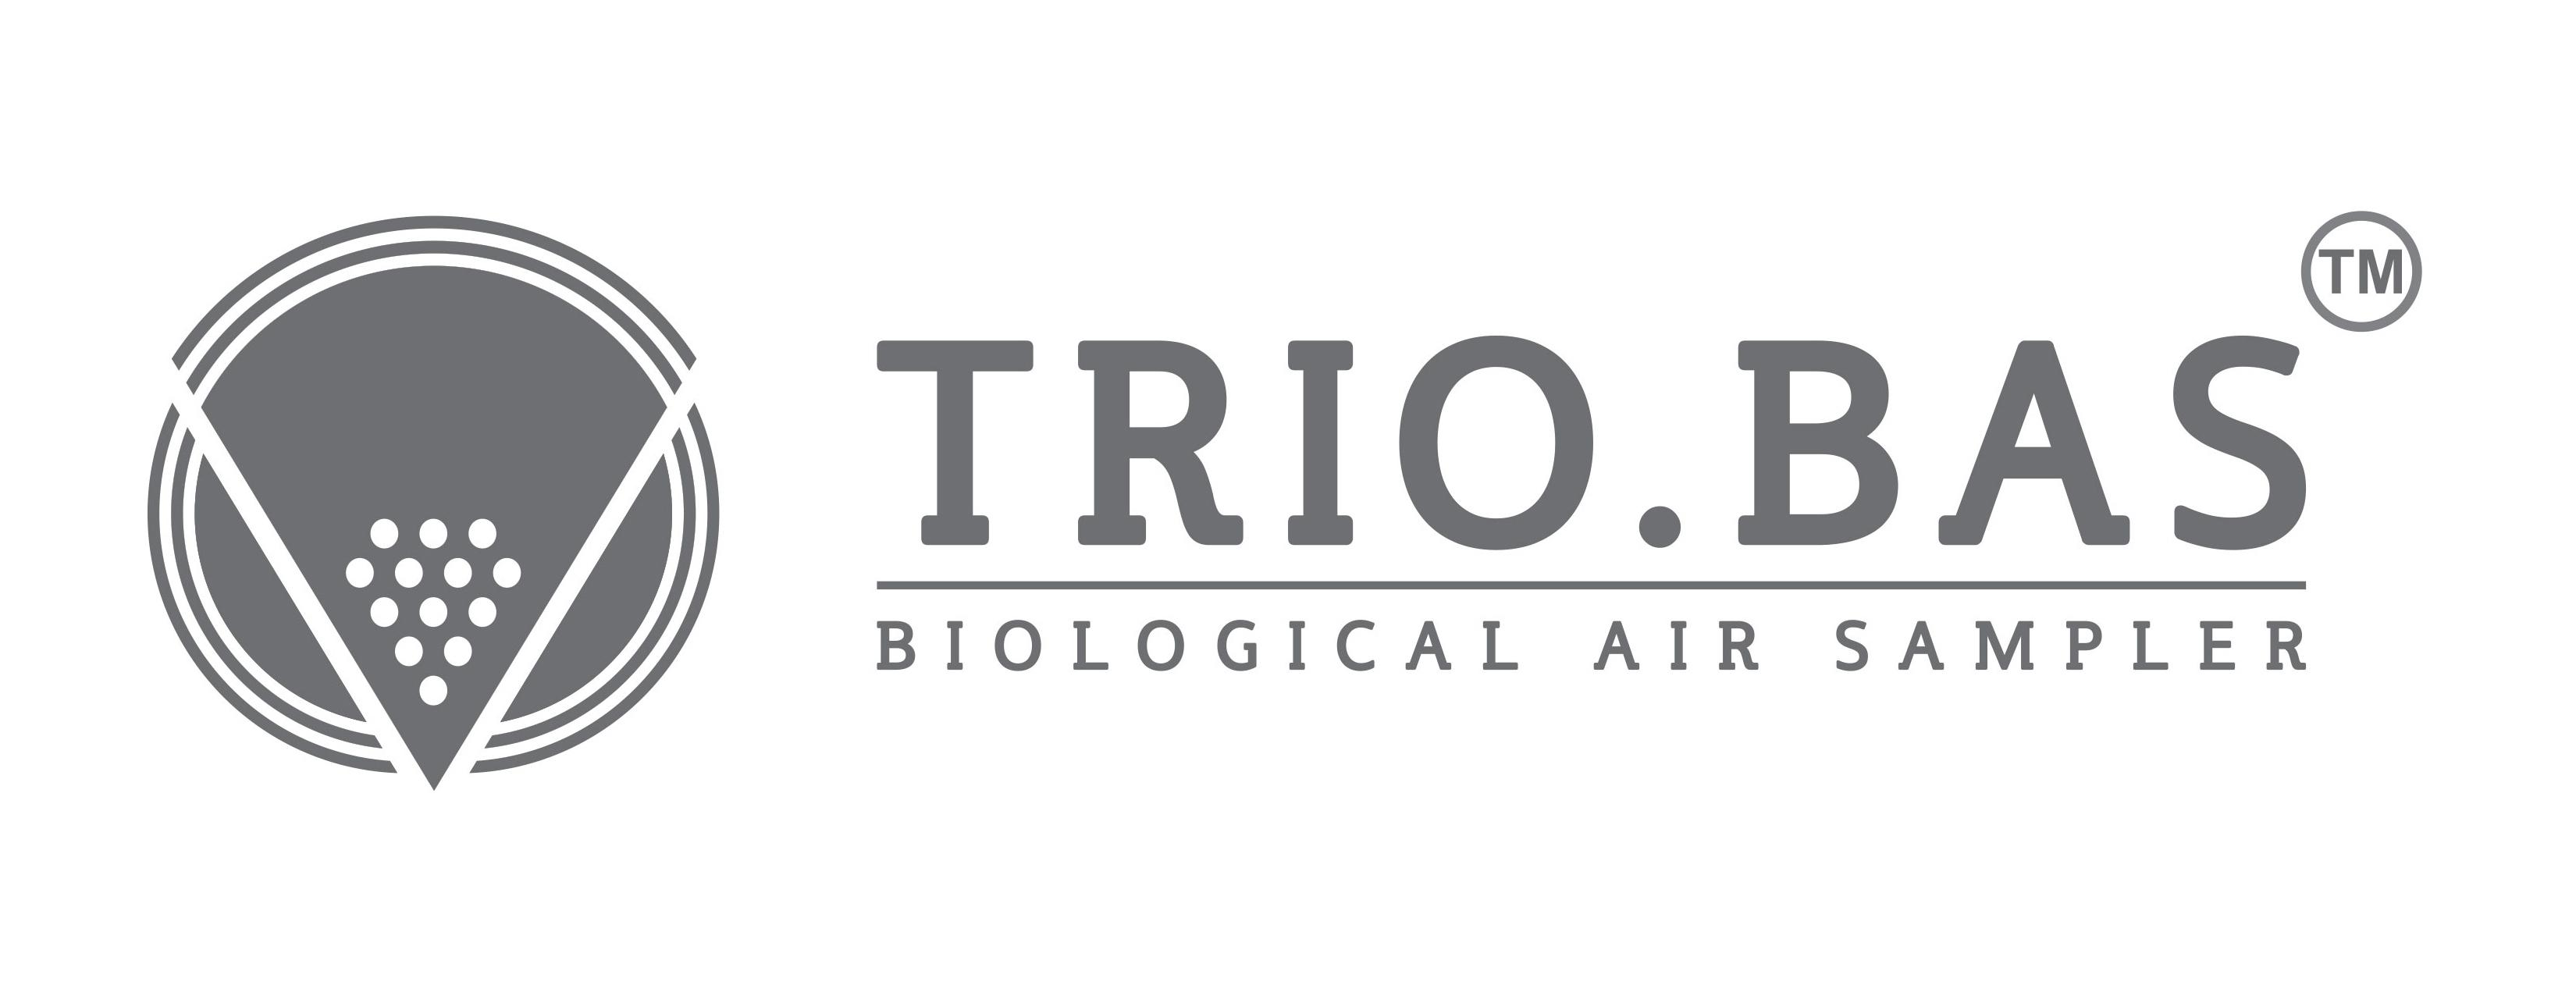 LOGO-TRIO